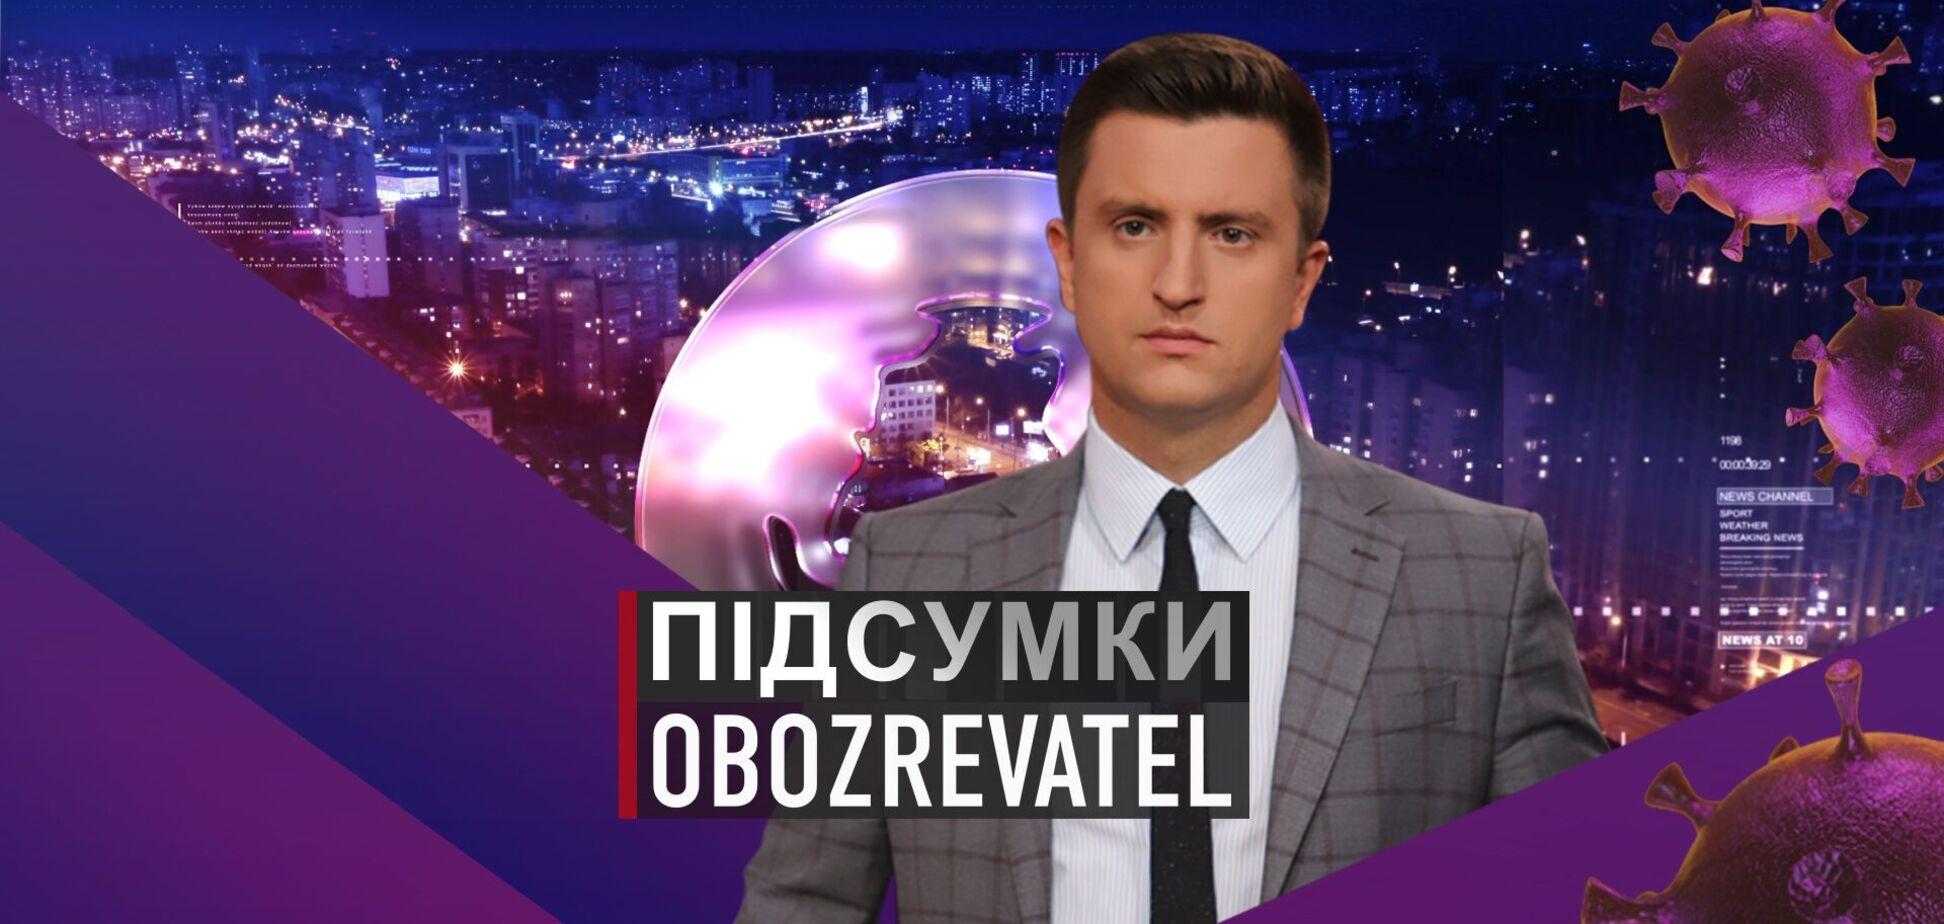 Підсумки з Вадимом Колодійчуком. Понеділок, 4 жовтня